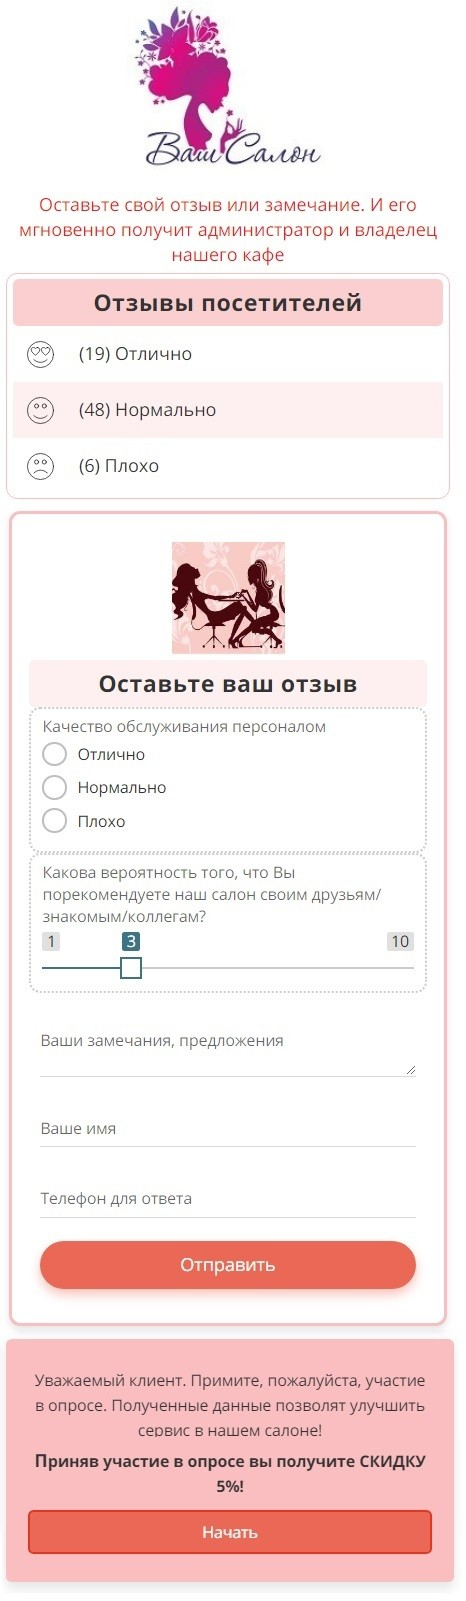 анкета клиента салона красоты образец